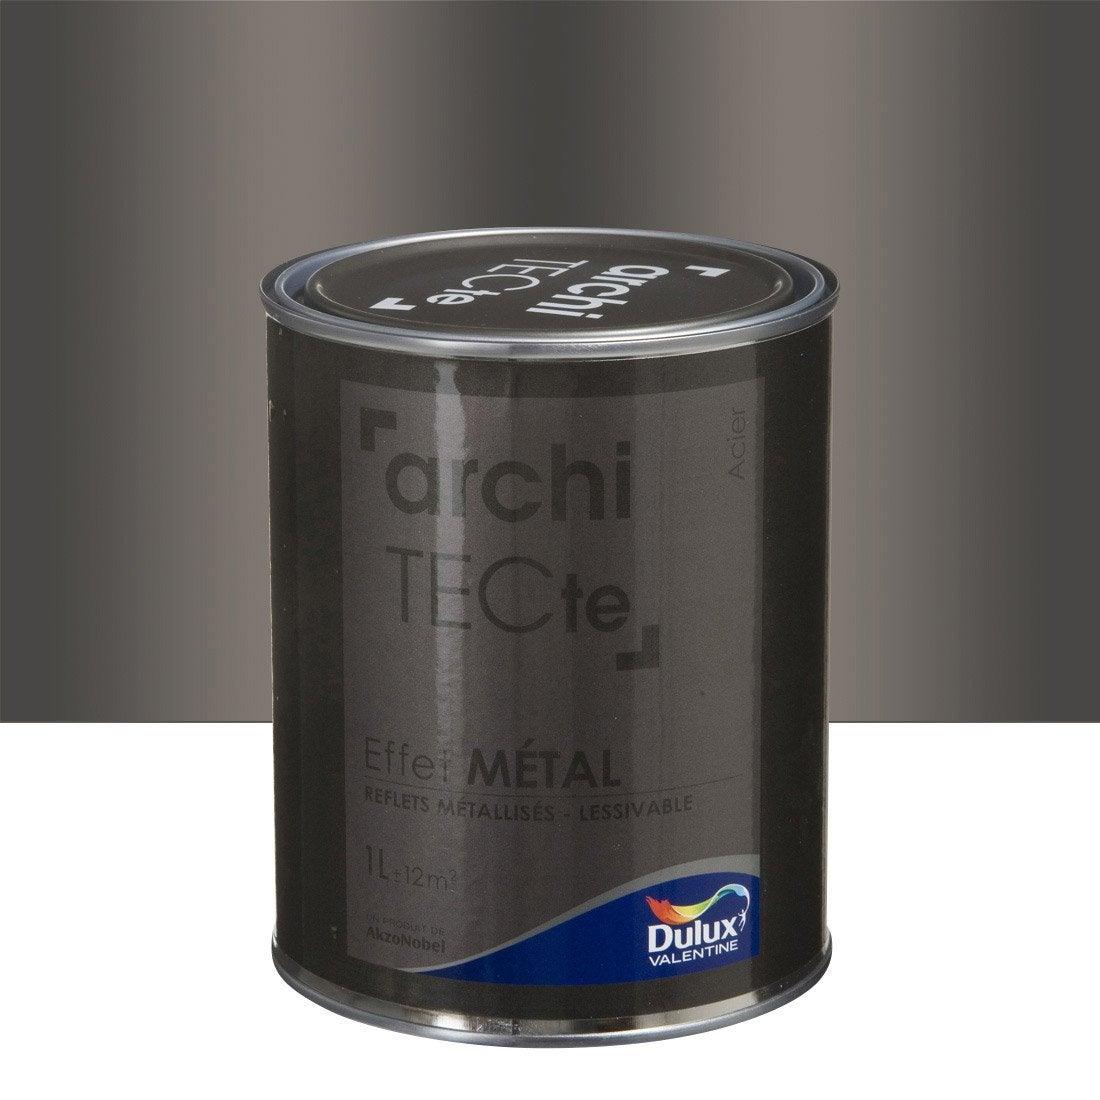 Peinture effet architecte effet m tal dulux valentine gris acier 1 l l - Peinture pour baignoire en fonte ...